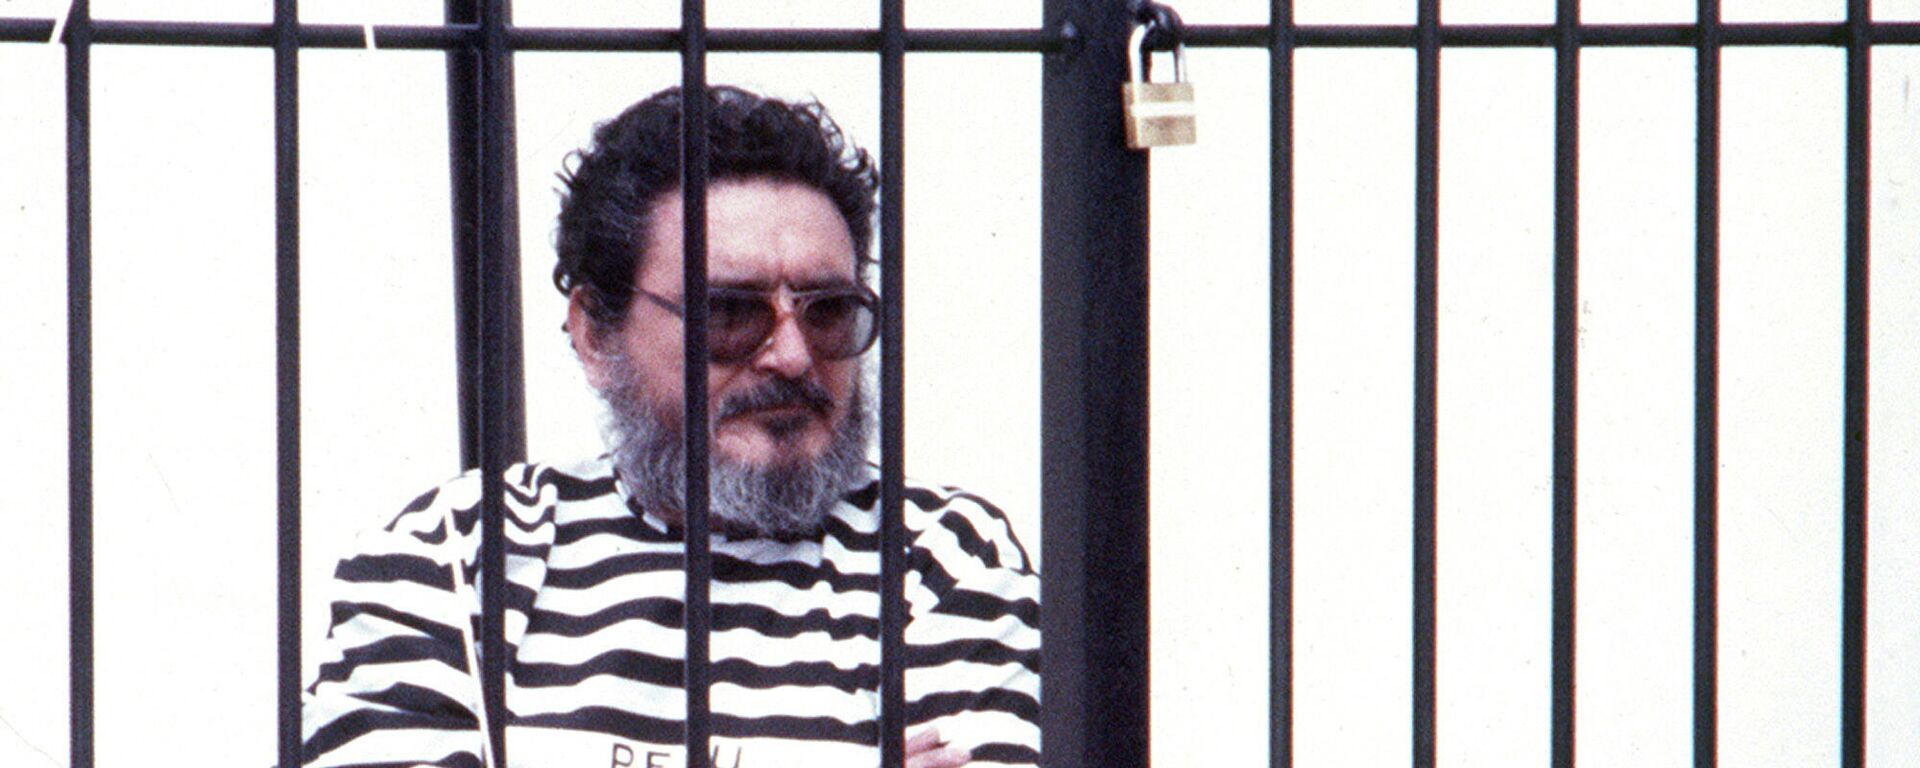 Abimael Guzmán, líder de Sendero Luminoso, detenido en Lima (Perú), el septiembre de 1992 - Sputnik Mundo, 1920, 11.09.2021